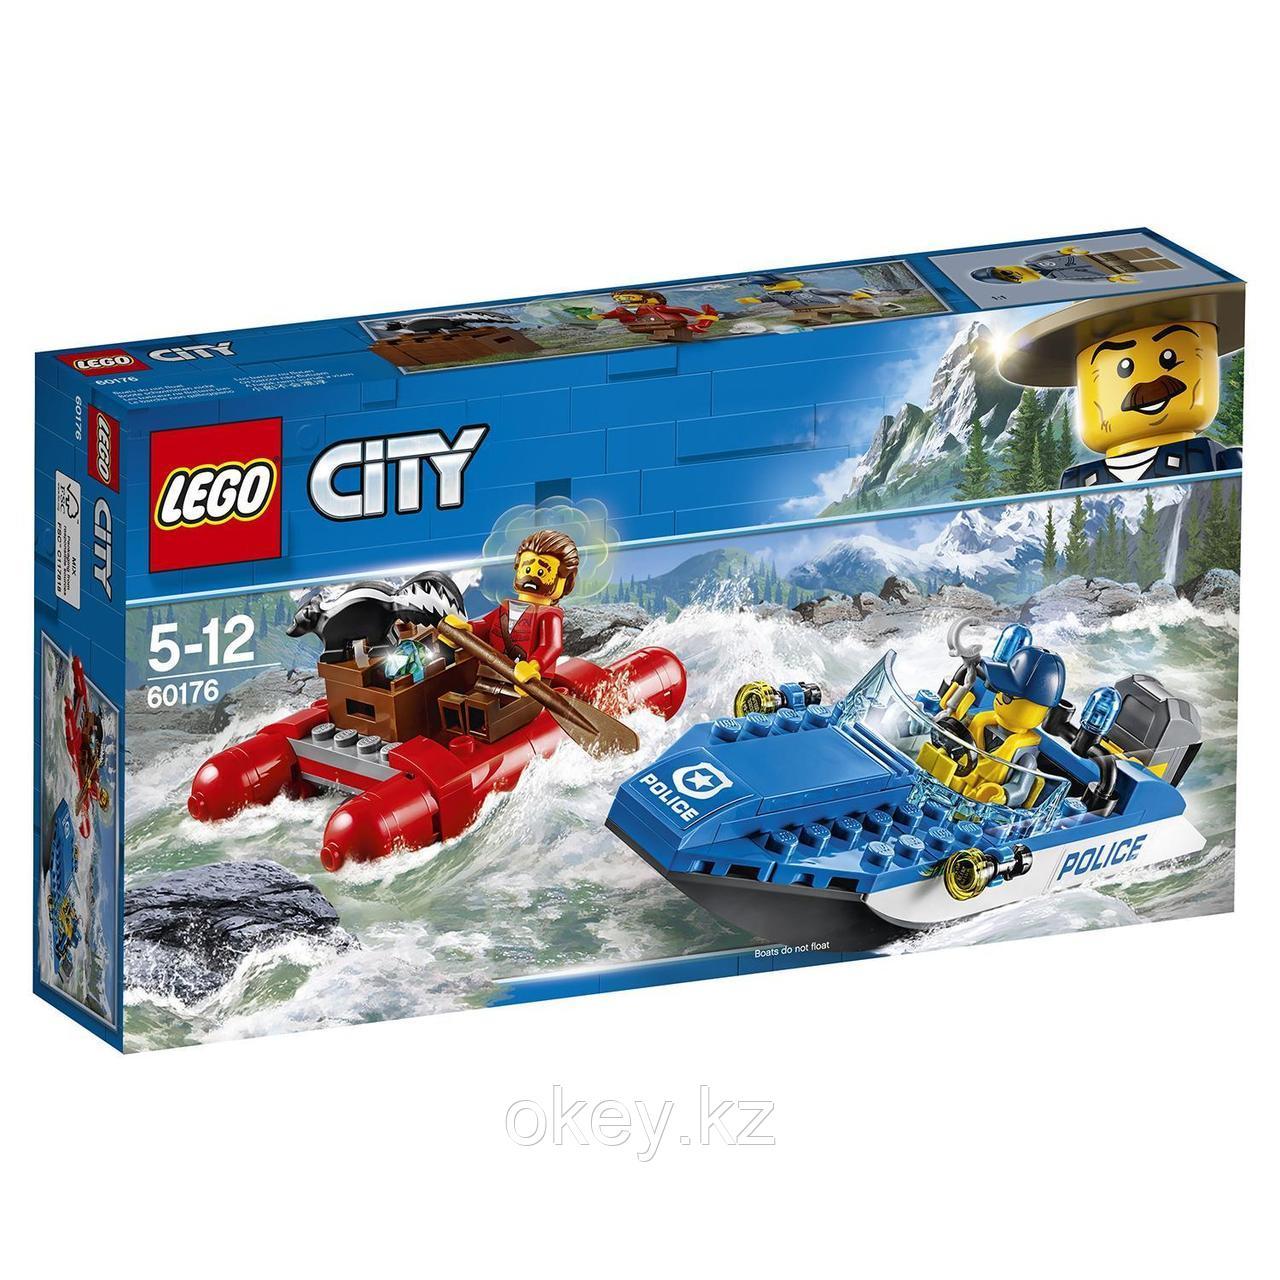 LEGO City: Погоня по горной реке 60176